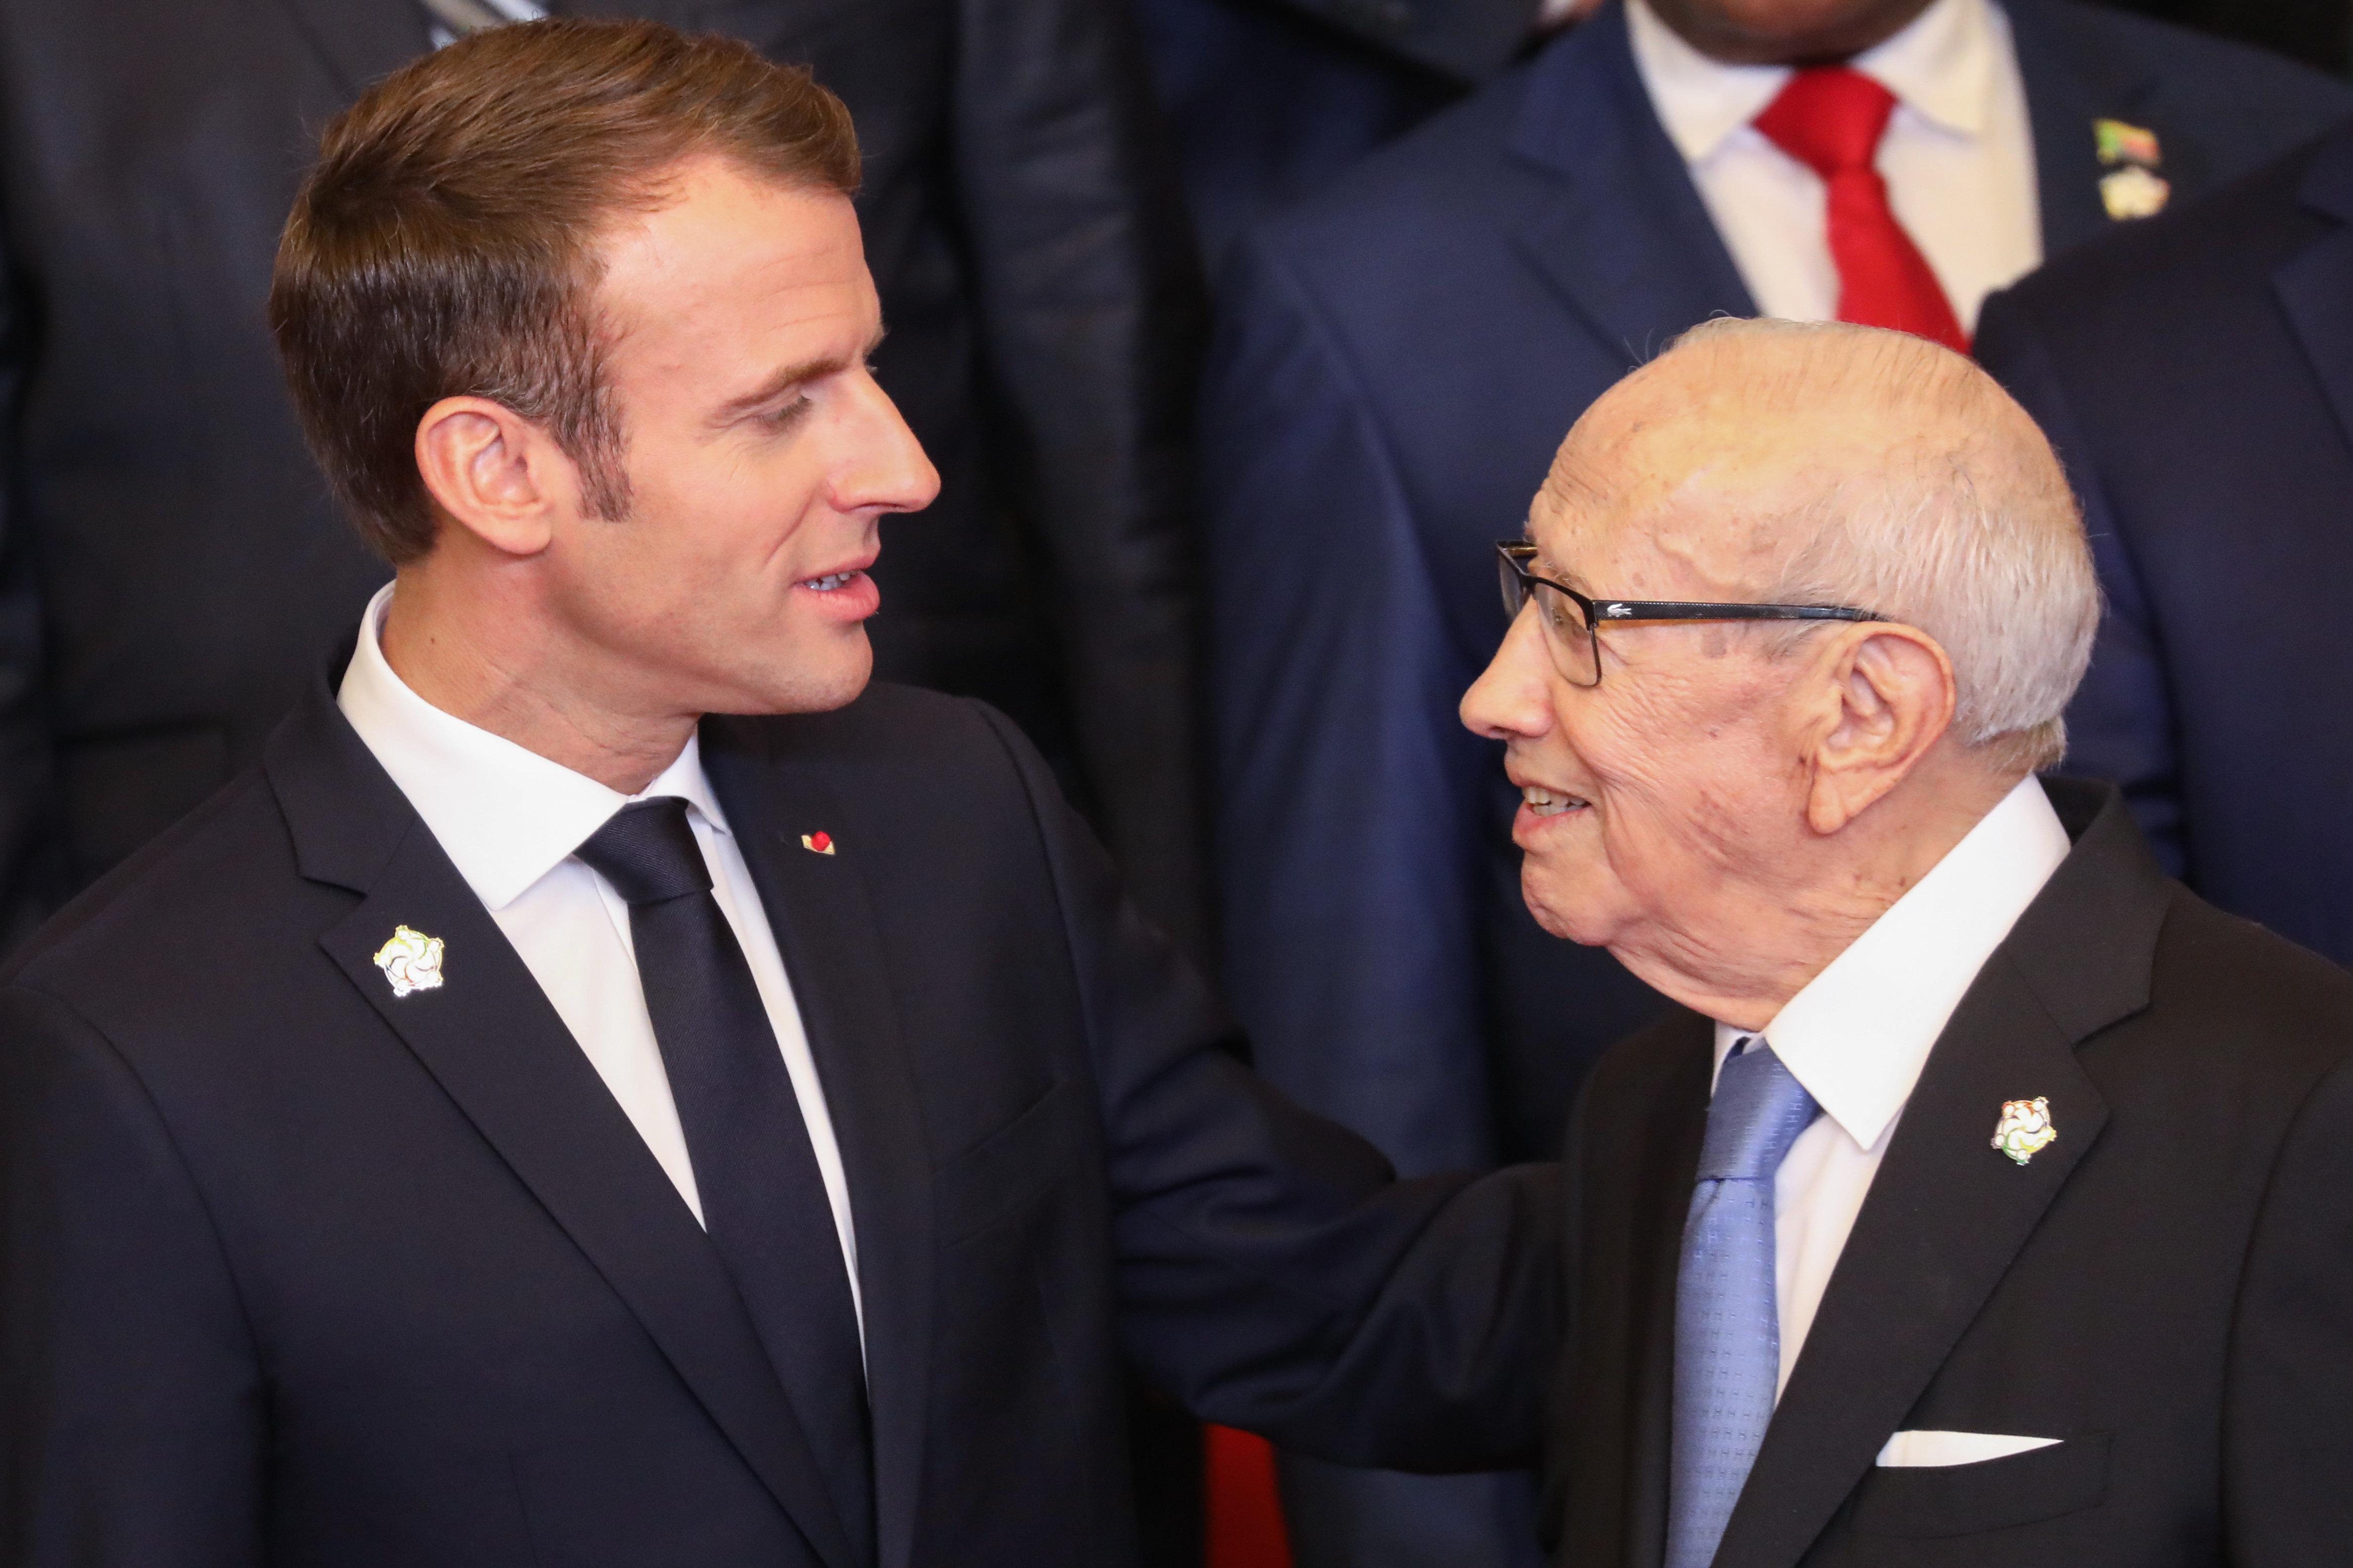 Sommet de la Francophonie: Le vibrant hommage de Macron à la